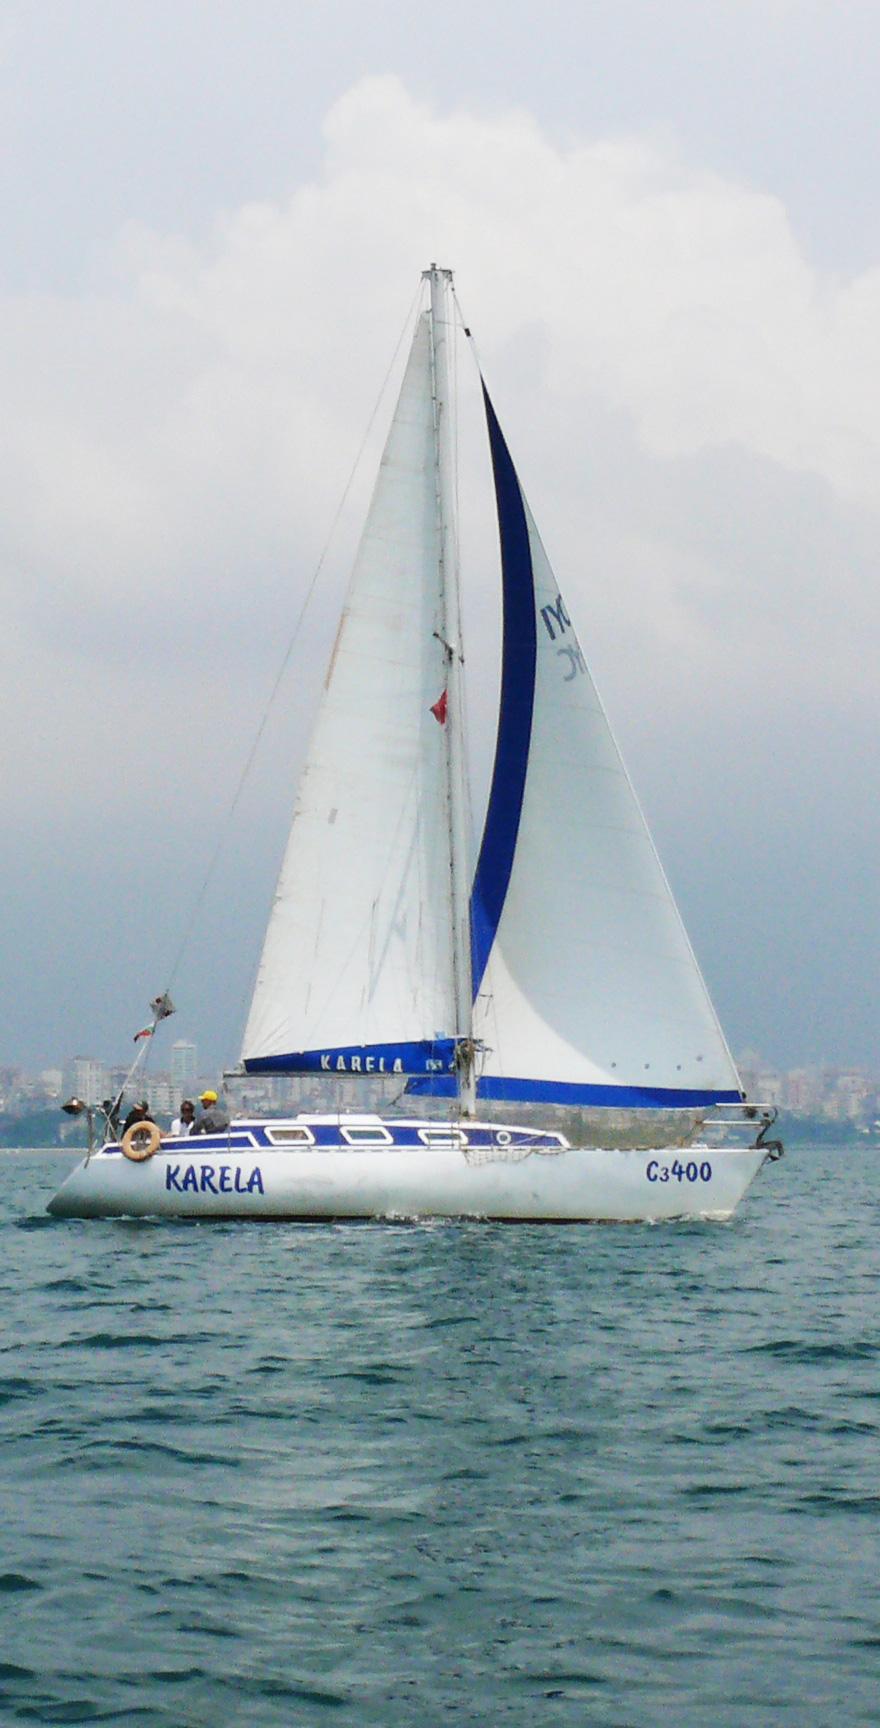 Karela Sailing | Капитански курсове до 40 БТ. Ветроходство. Учебни плавания с яхта по море. Курсове за шкипери и капитани.